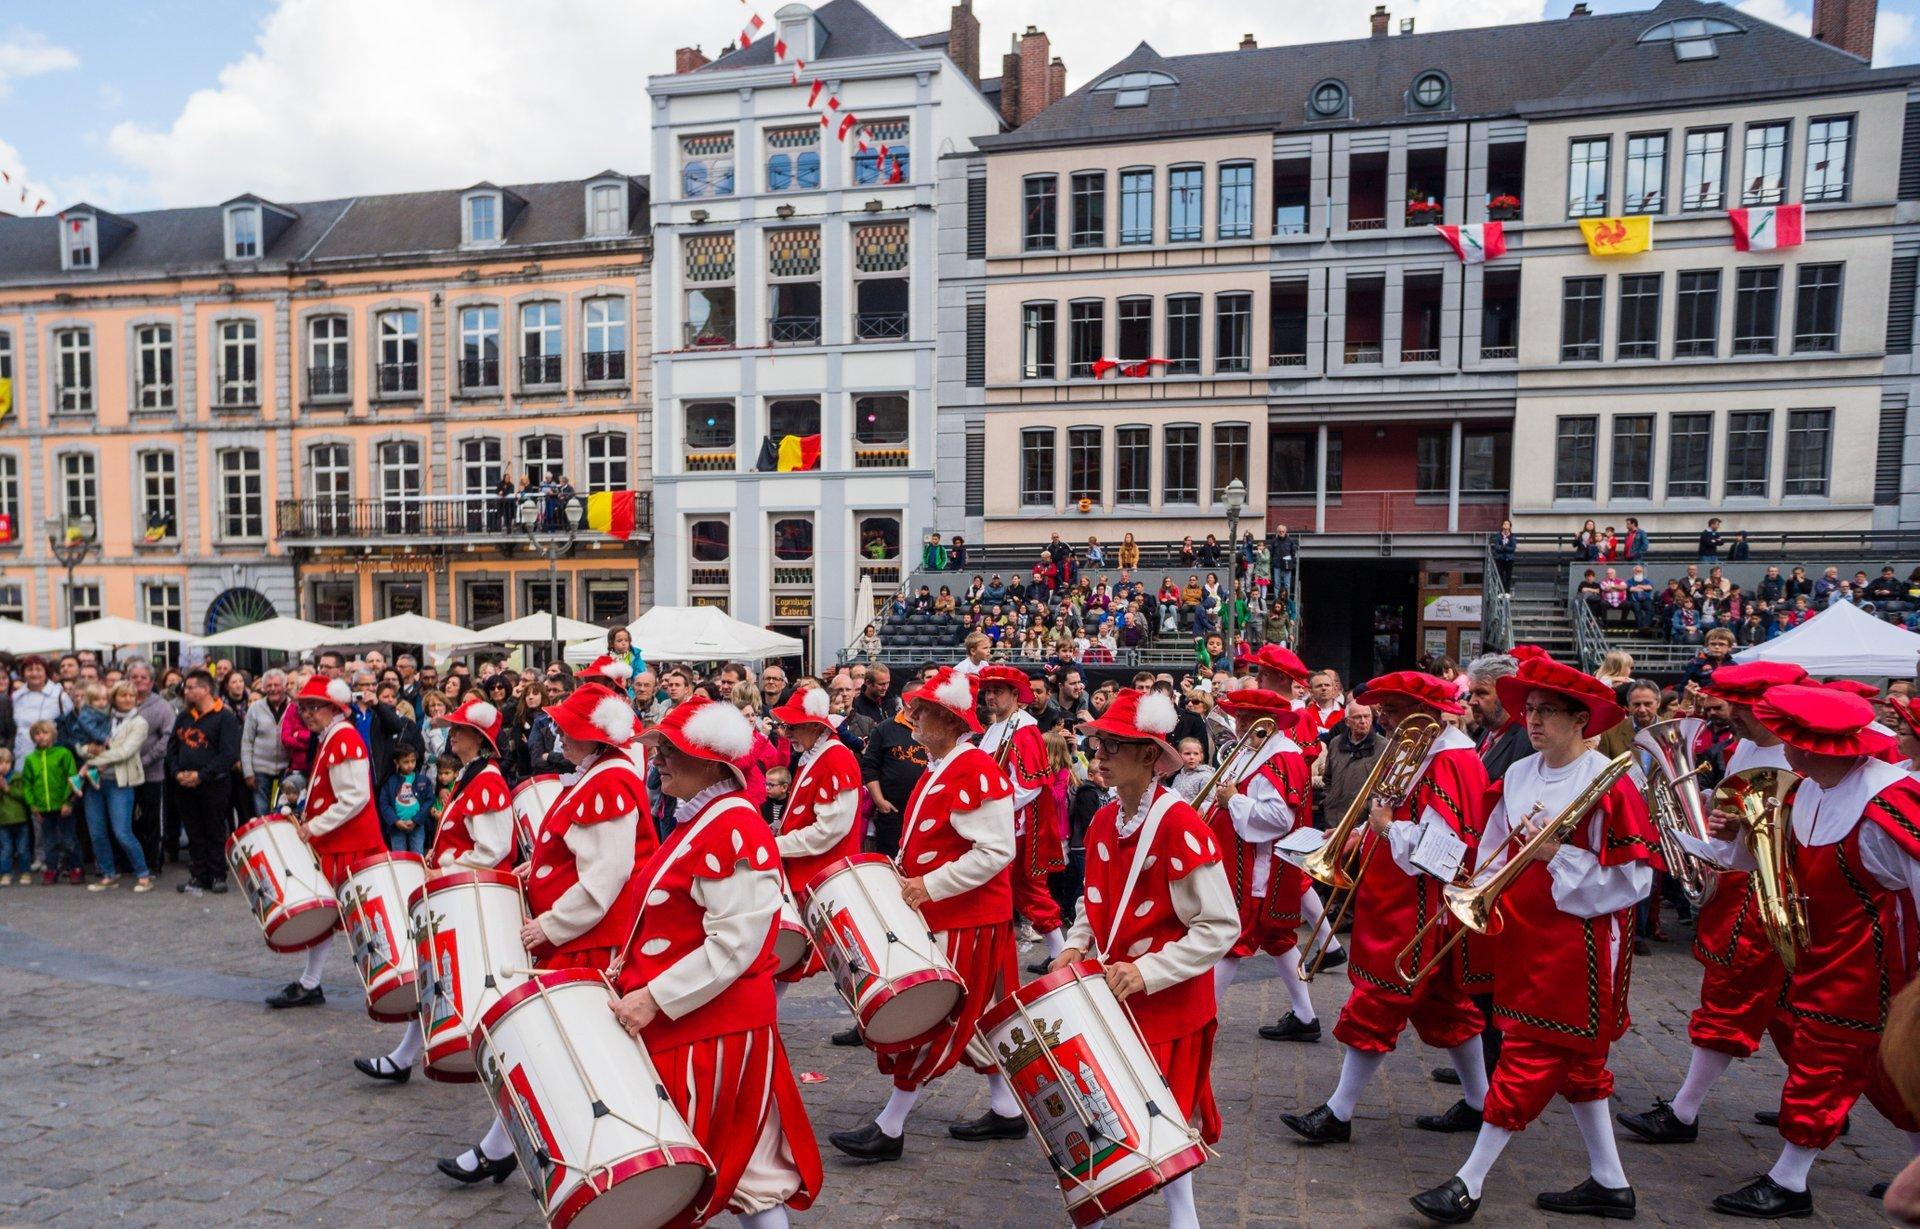 Ducasse de Mons (Doudou) in Belgium 2020 - Best Time